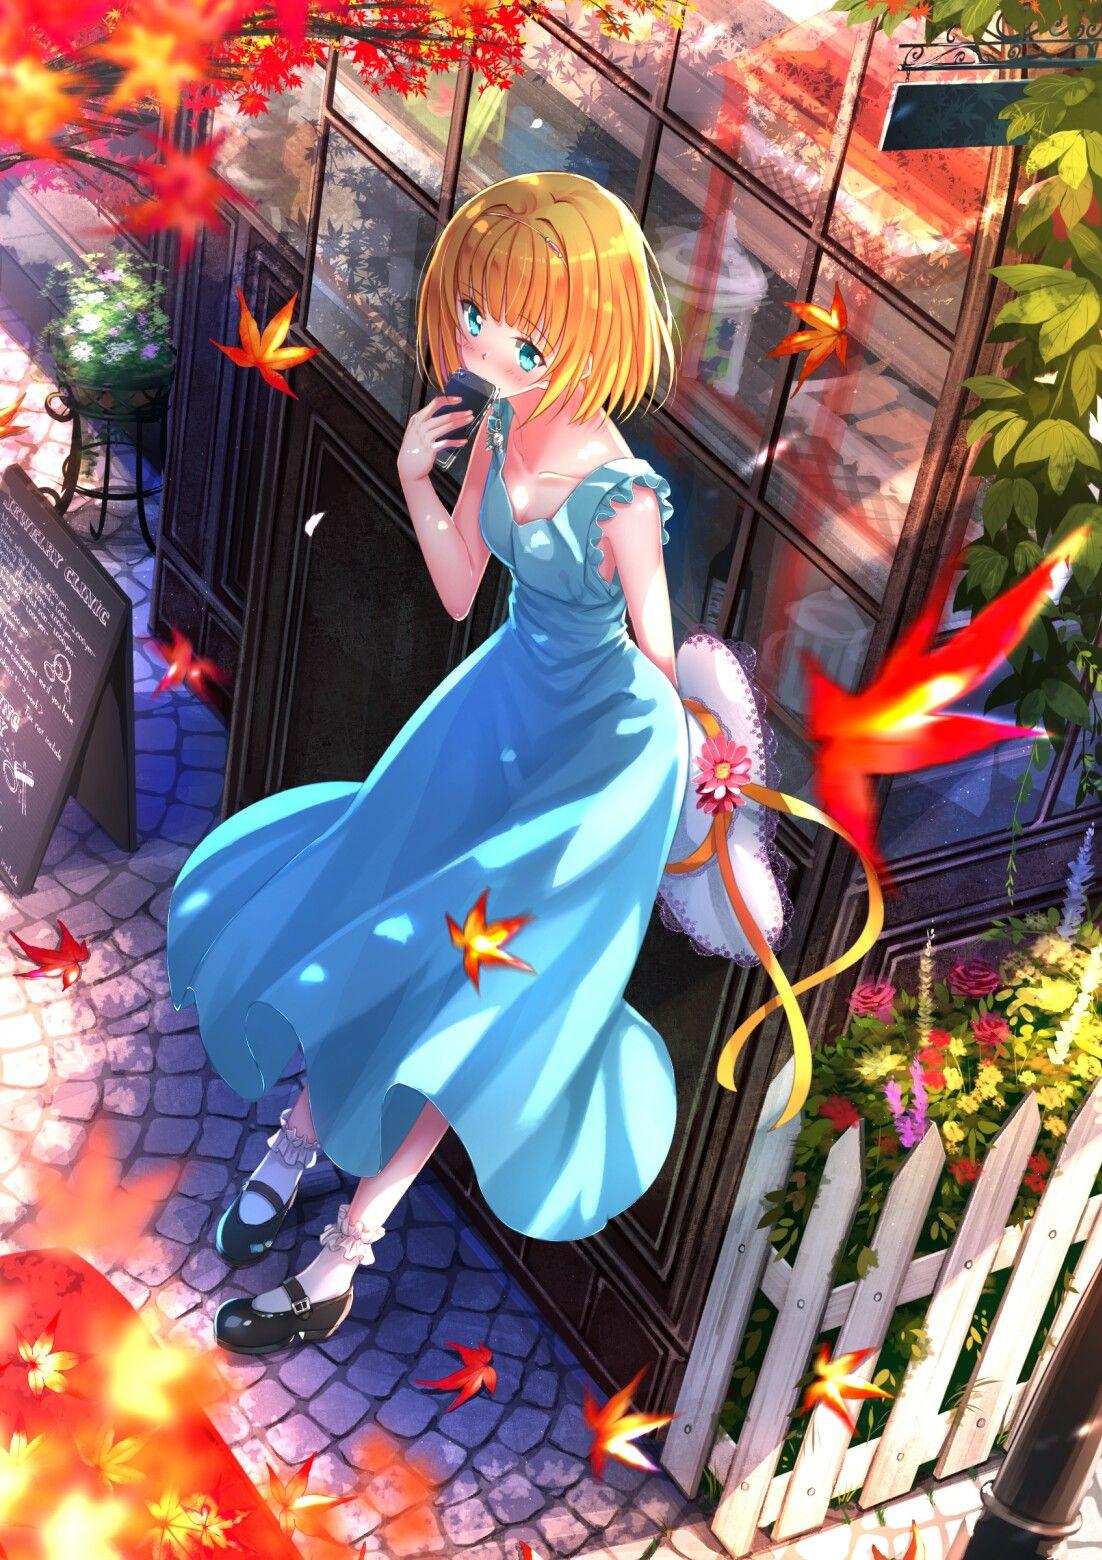 Ghim trên Anime girl art➿